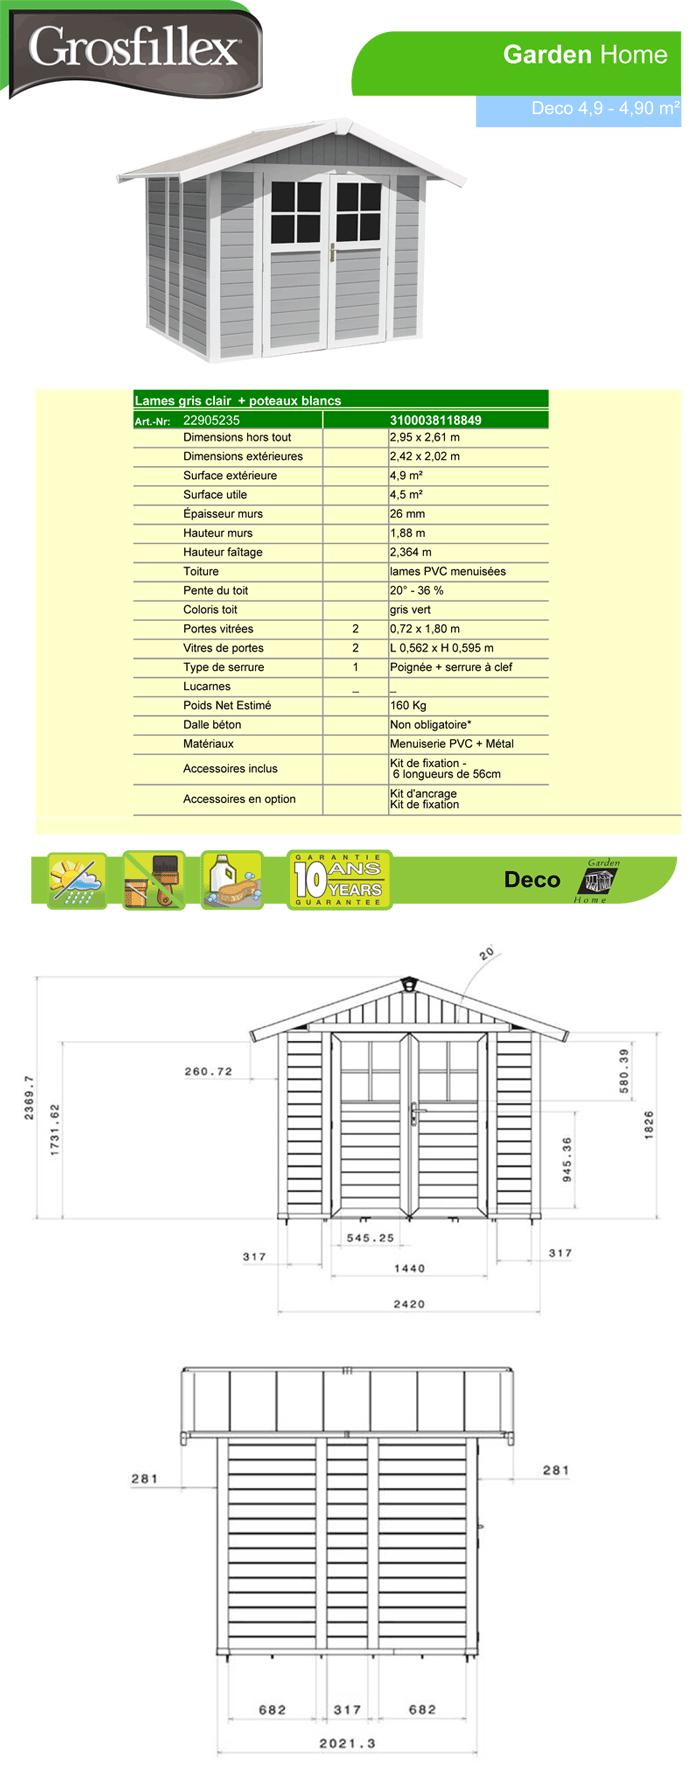 abri de jardin pvc lodge 4 9 gris clair en pvc grosfillex oogarden france. Black Bedroom Furniture Sets. Home Design Ideas